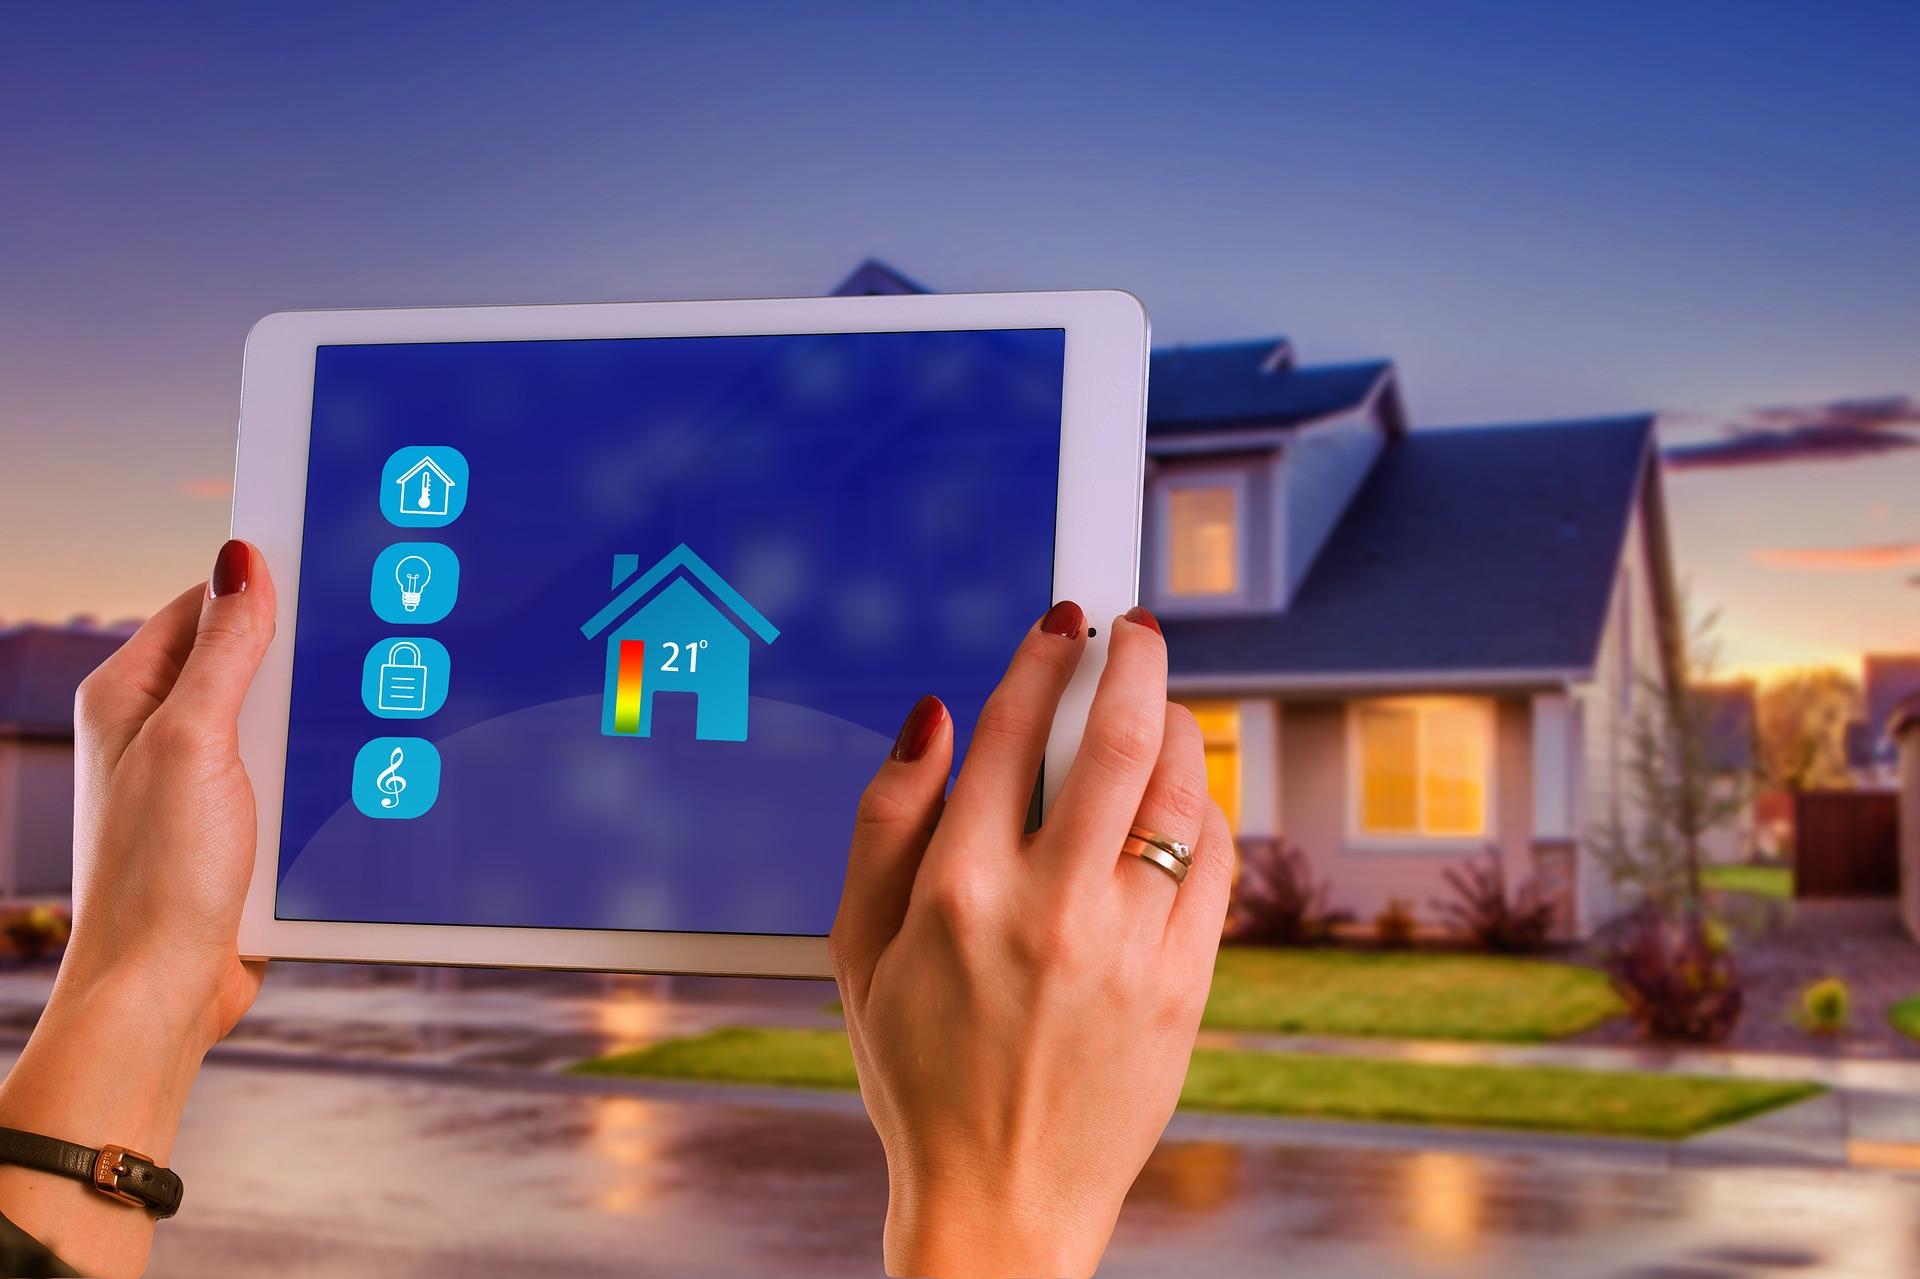 Zarządzanie temperaturą w domu - inteligentne rozwiązania dla komfortu i wygody domowników